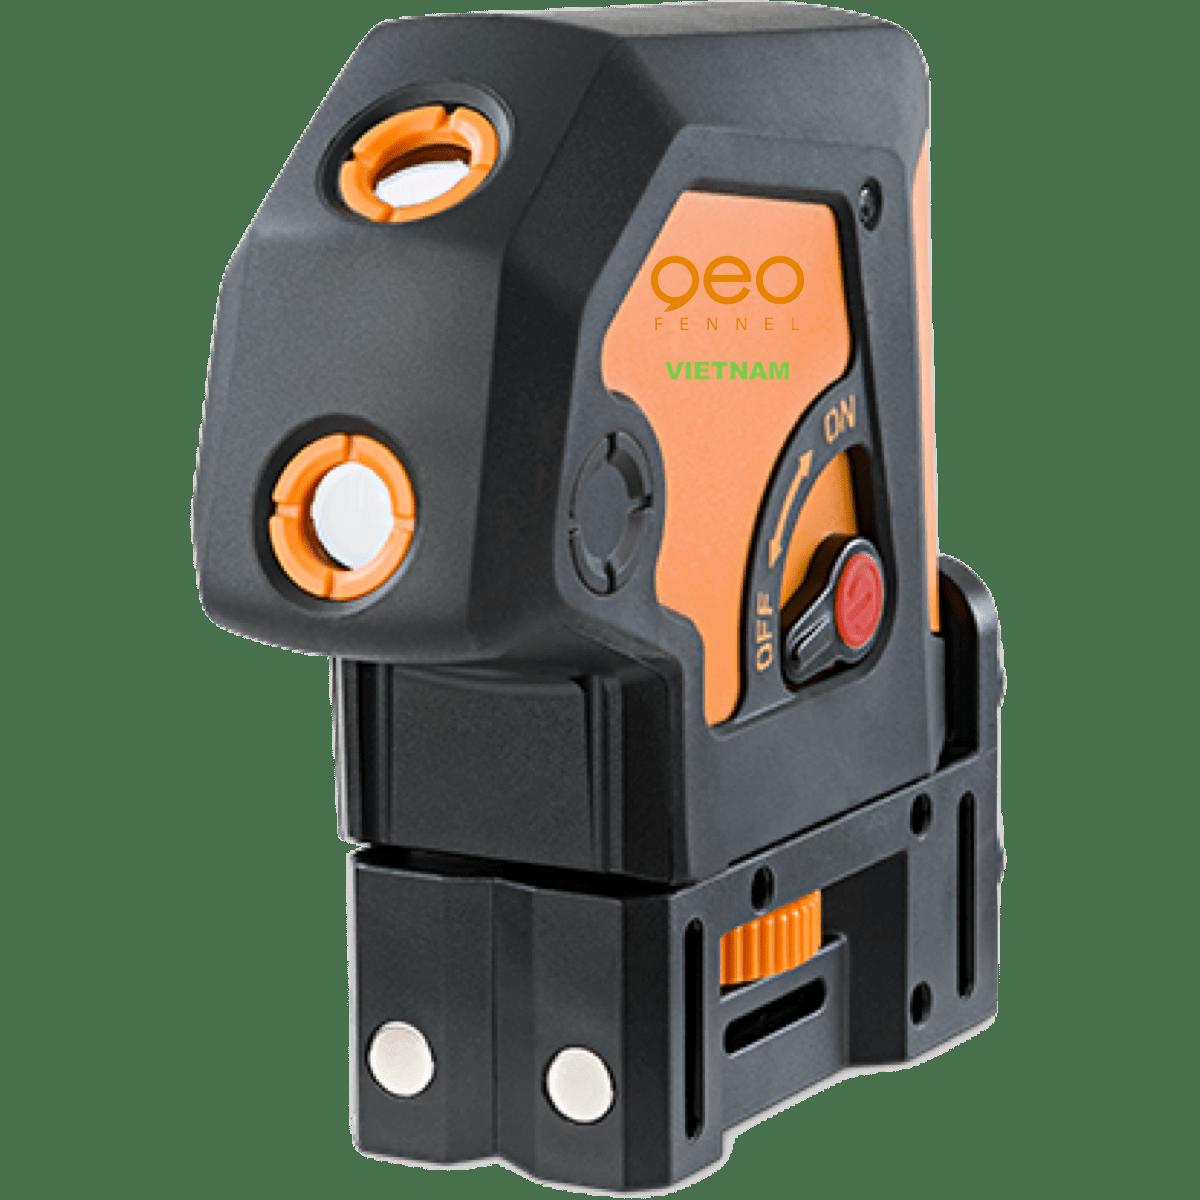 Lập lòn laser GEO3P | GEO-Fennel Vietnam 1